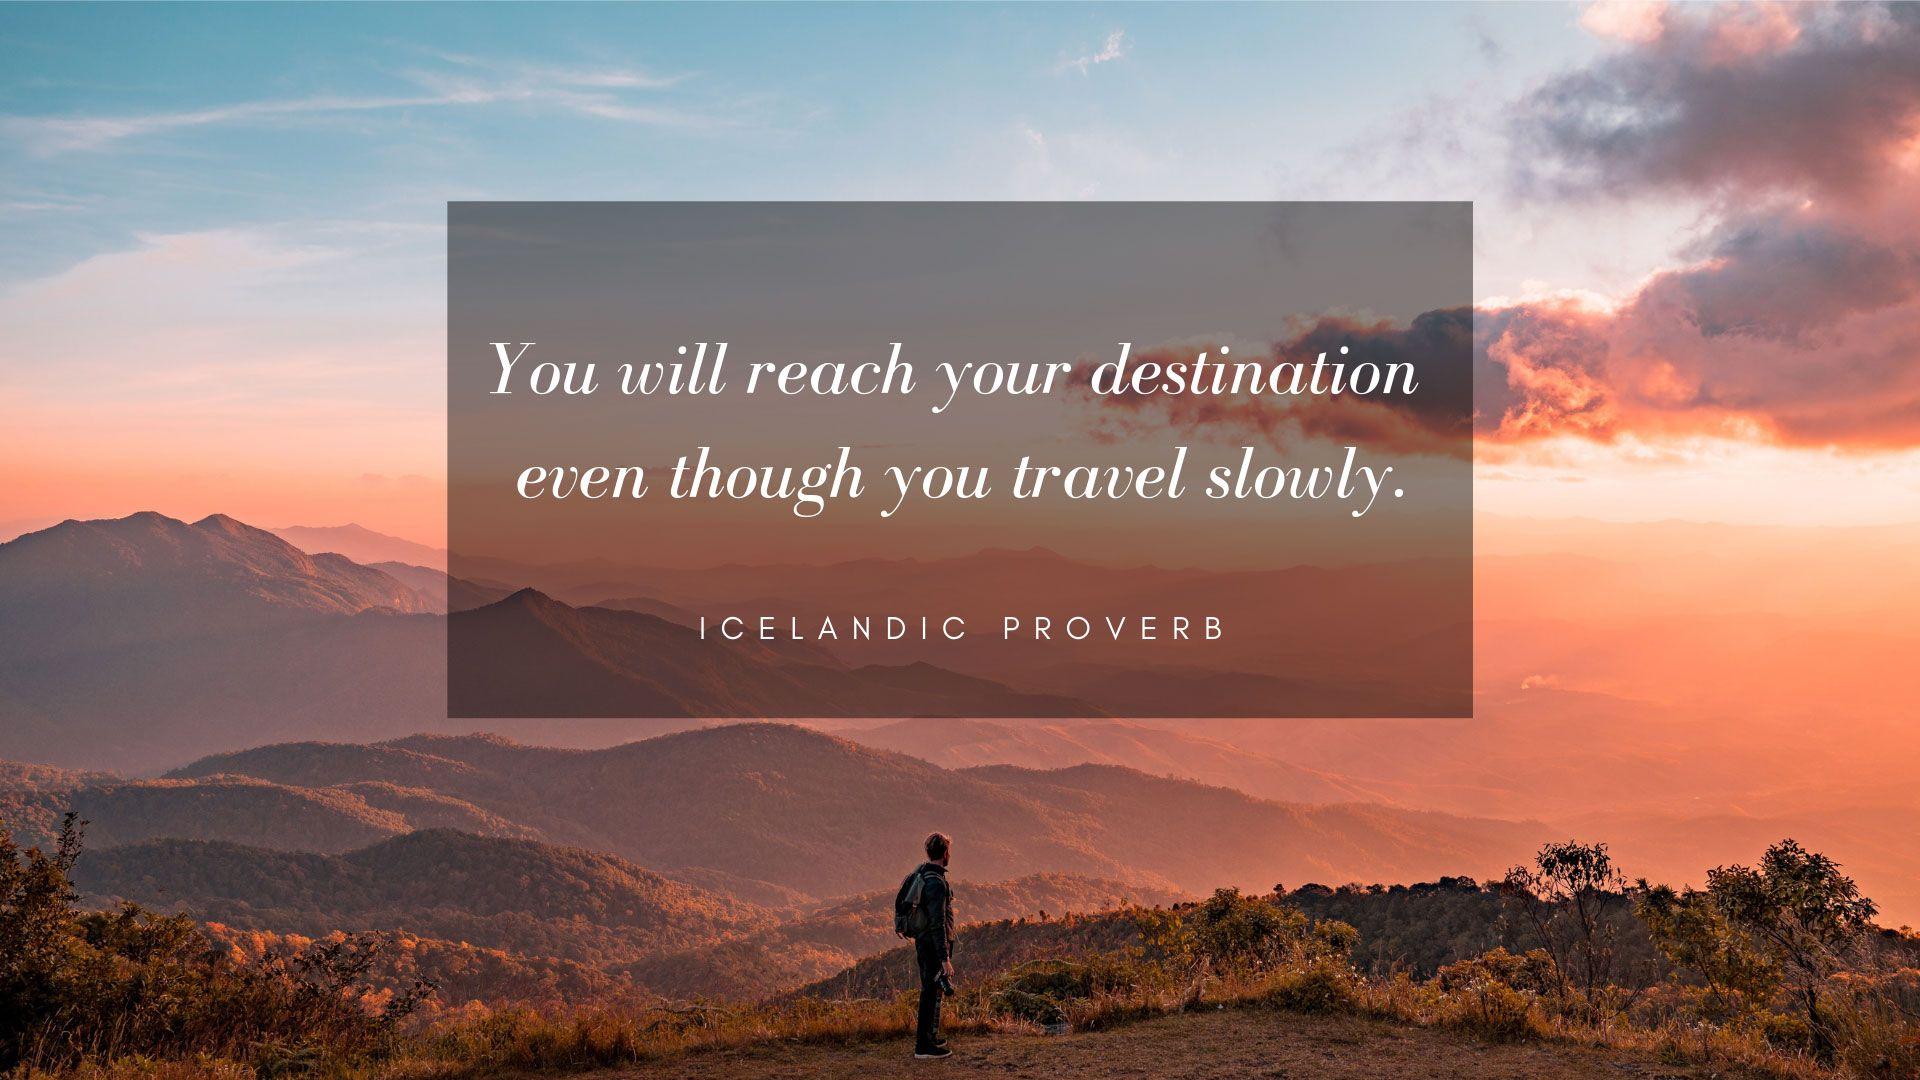 Free Desktop Wallpapers Inspiring Travel Quotes Travel Savings Travel Quotes Traveling By Yourself